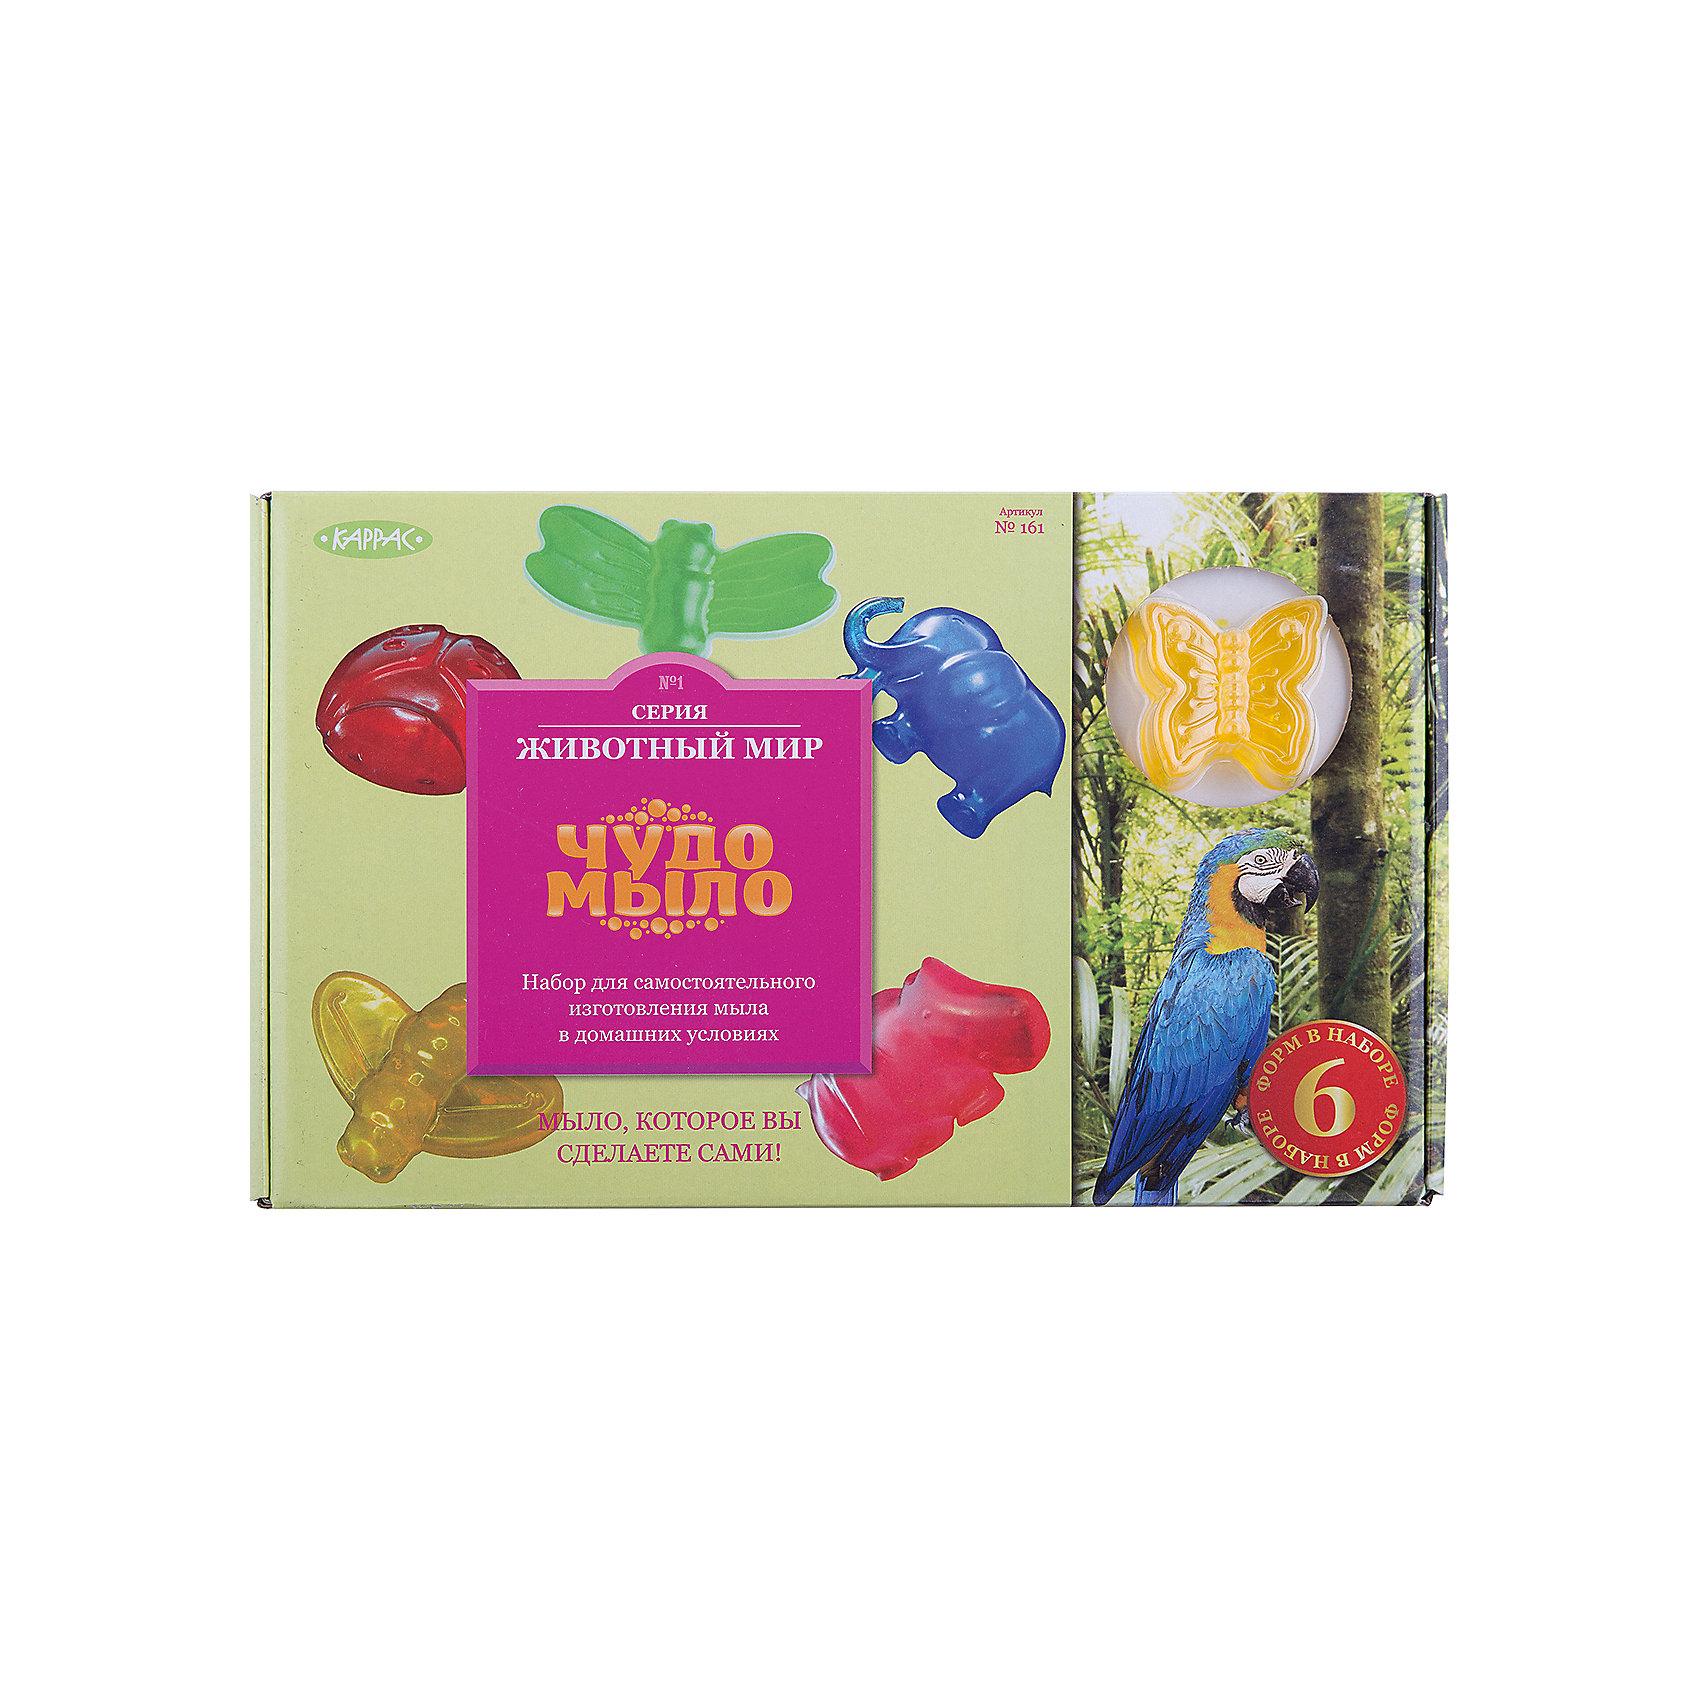 Чудо-Мыло Животный мир  (большой набор)Наборы для создания мыла<br>Характеристики:<br><br>• размер: 20x7x32см.;<br>• в набор входит: прозрачная мыльная основа, красители и ароматизатор, керамическая чаша, перчатки, палочки, формы для мыла 6 шт.;<br>• вес: 970 г.;<br>• для детей в возрасте: от 8 лет;<br>• страна производитель: Россия.<br><br>Этот удивительный набор от Master IQ2 (Мастер АйКью2) позволит перенестись на какое-то время в необычайный мир мыловарения. Вместе с простой пошаговой инструкцией ребёнок легко может сделать красивое мыло в виде животных самостоятельно. Благодаря этому интересному набору ребёнок может изготовить мыло в виде слонёнка, божьей коровки, стрекозы или бегемота. <br><br>Набор для изготовления мыла станет отличным помощником в сфере художественного развития и прекрасно подойдёт для развития моторики рук, усидчивости, аккуратности. Кроме того, задание повышает самооценку, ведь ребёнок смог сам сделать это красивое мыло.<br><br>Чудо-Мыло Животный мир (большой набор) можно купить в нашем интернет-магазине.<br><br>Ширина мм: 320<br>Глубина мм: 70<br>Высота мм: 200<br>Вес г: 890<br>Возраст от месяцев: 96<br>Возраст до месяцев: 180<br>Пол: Унисекс<br>Возраст: Детский<br>SKU: 5083862